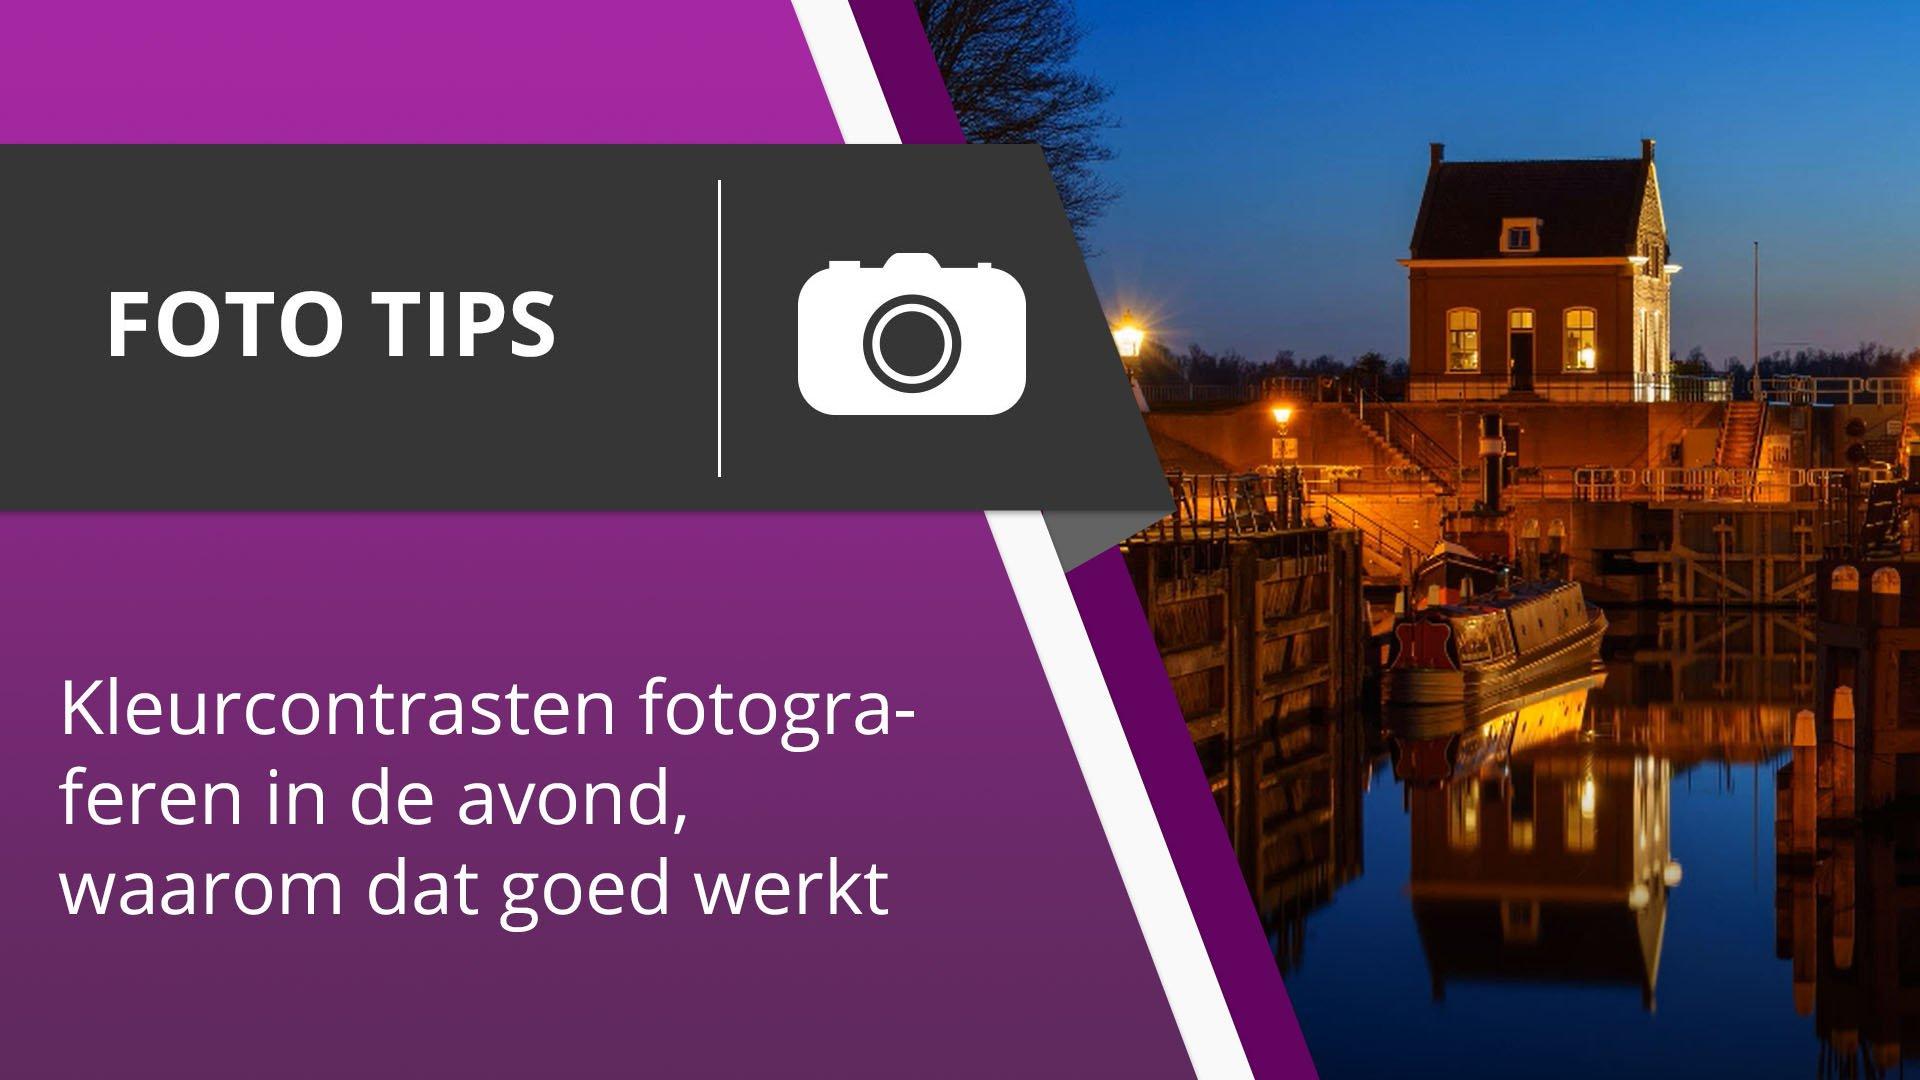 Fotografie Tips 009 - Kleurcontrasten fotograferen in de avond, waarom dat goed werkt